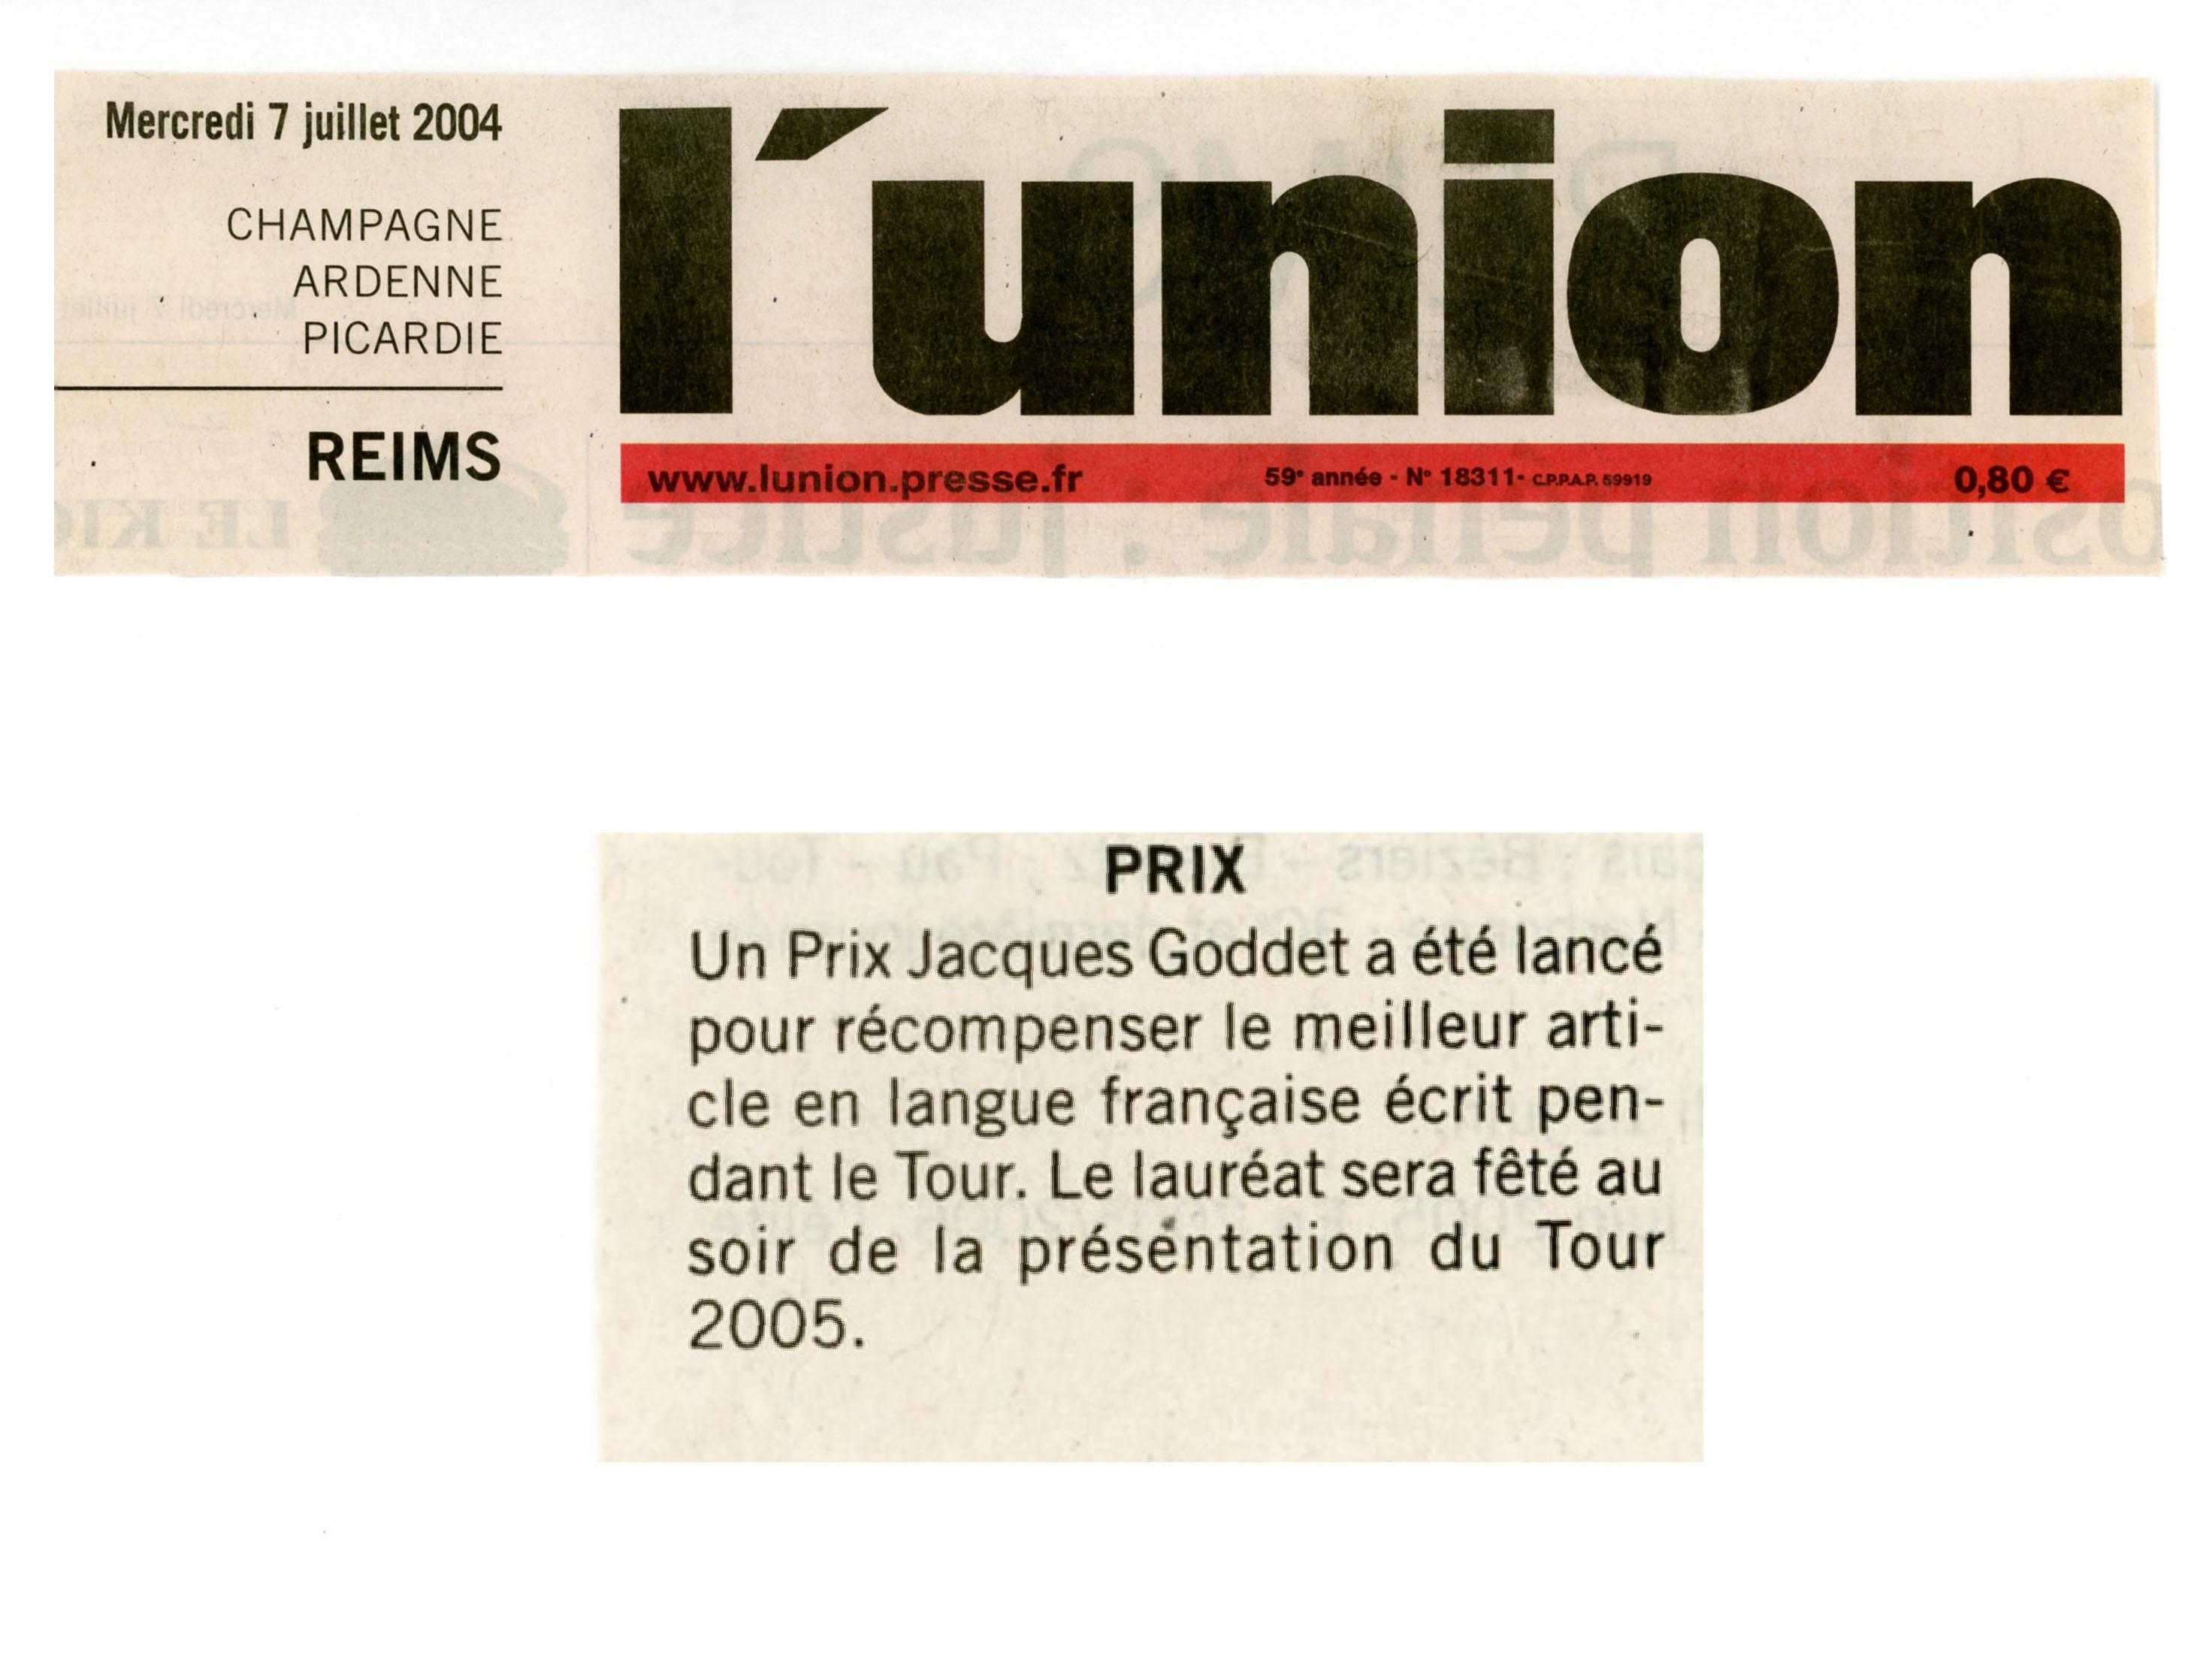 Presse - L'Union - Prix Jacques-Goddet - mercredi 7 juillet 2004